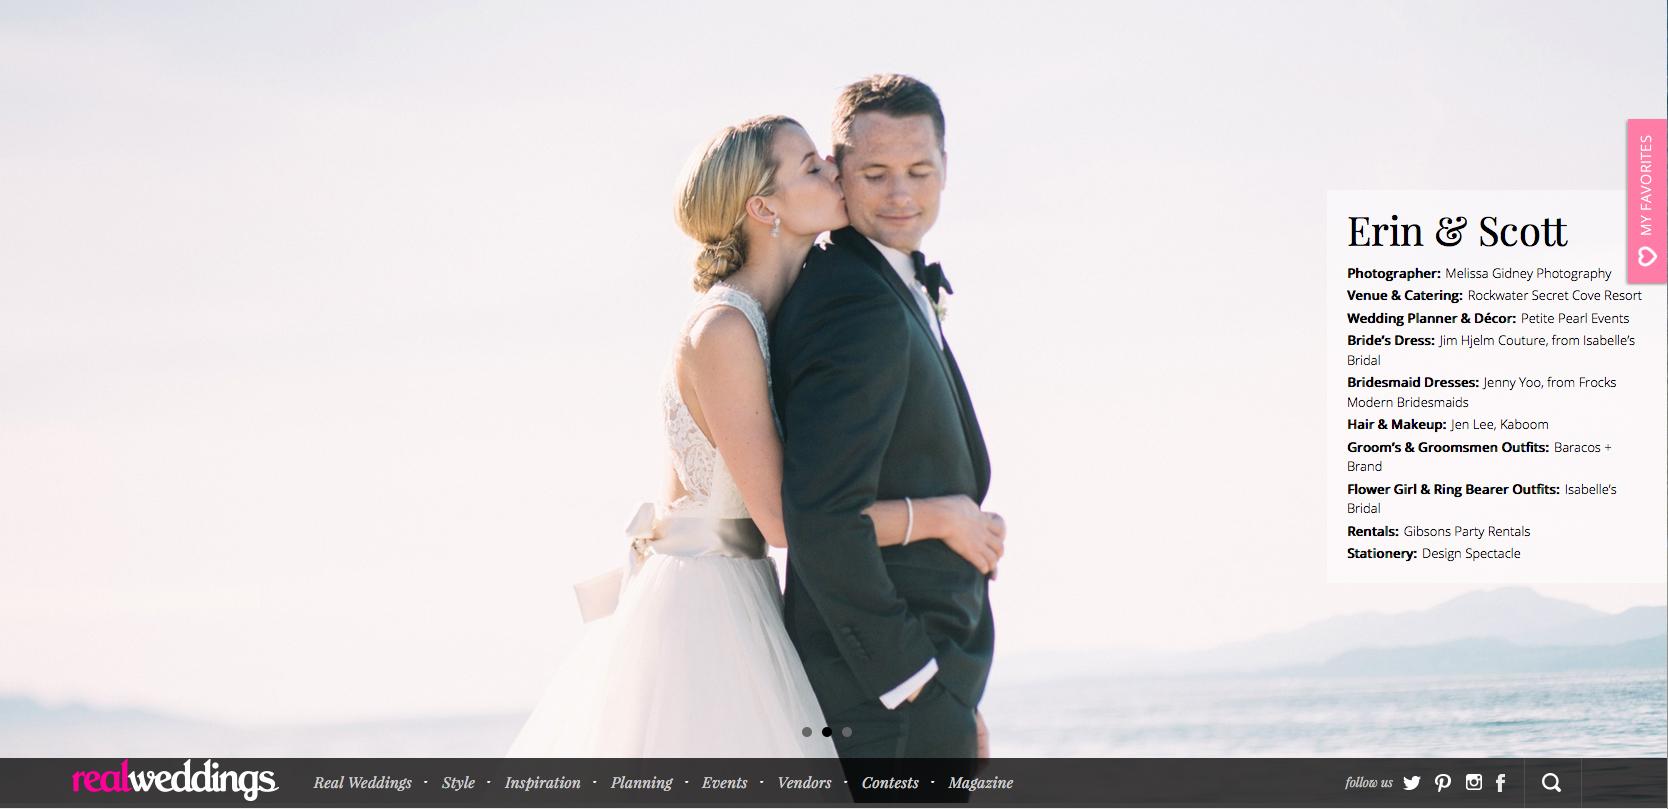 E&S-real weddings.jpg